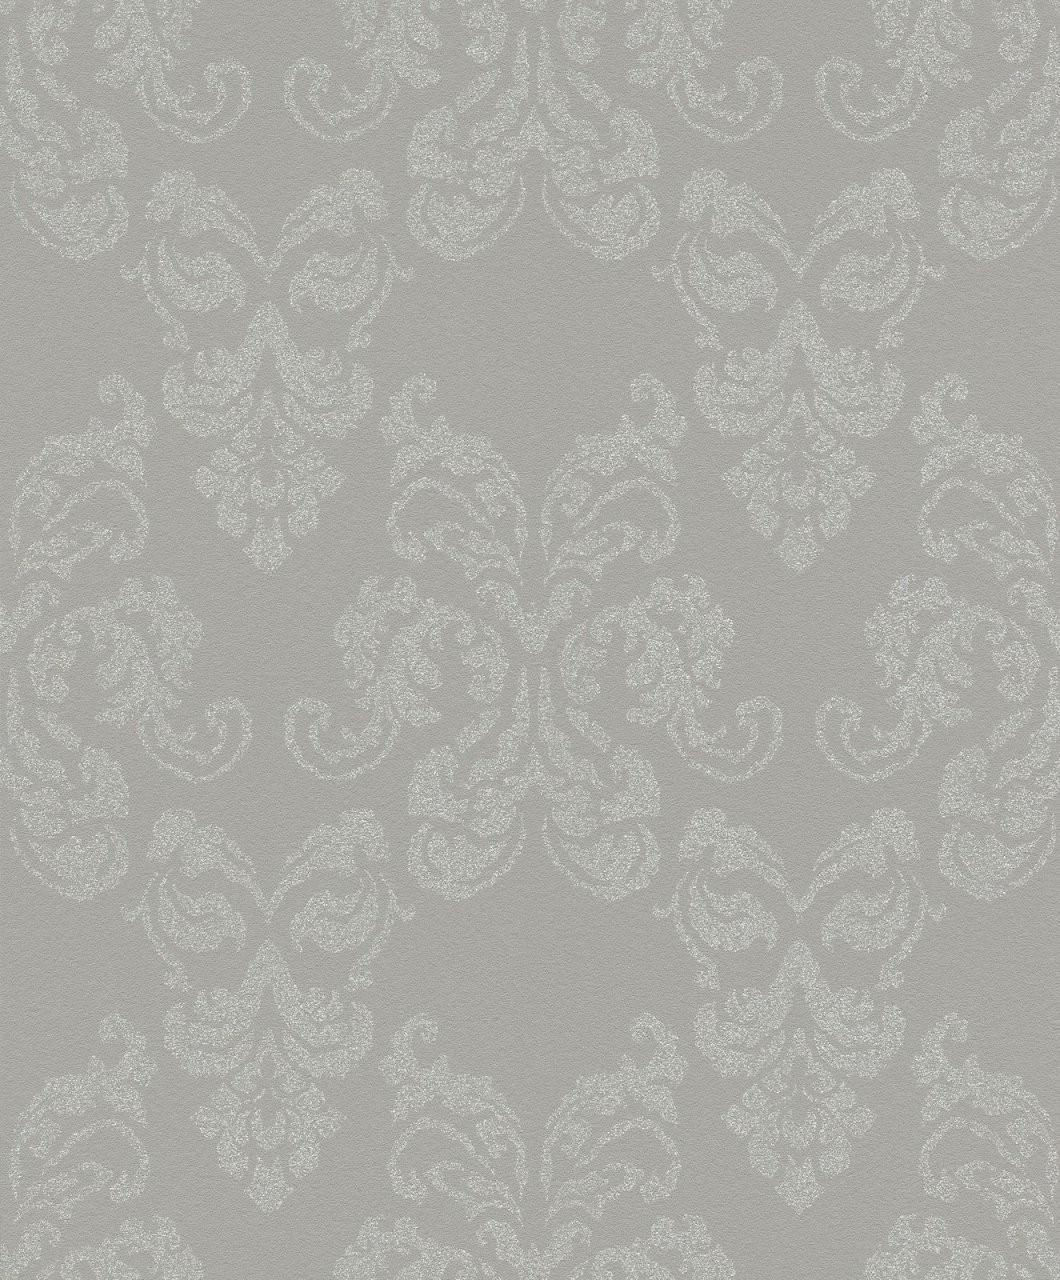 Rasch Vlies Tapete Ornament Grau Silber Glitzer 503814 von Graue Tapete Mit Glitzer Photo